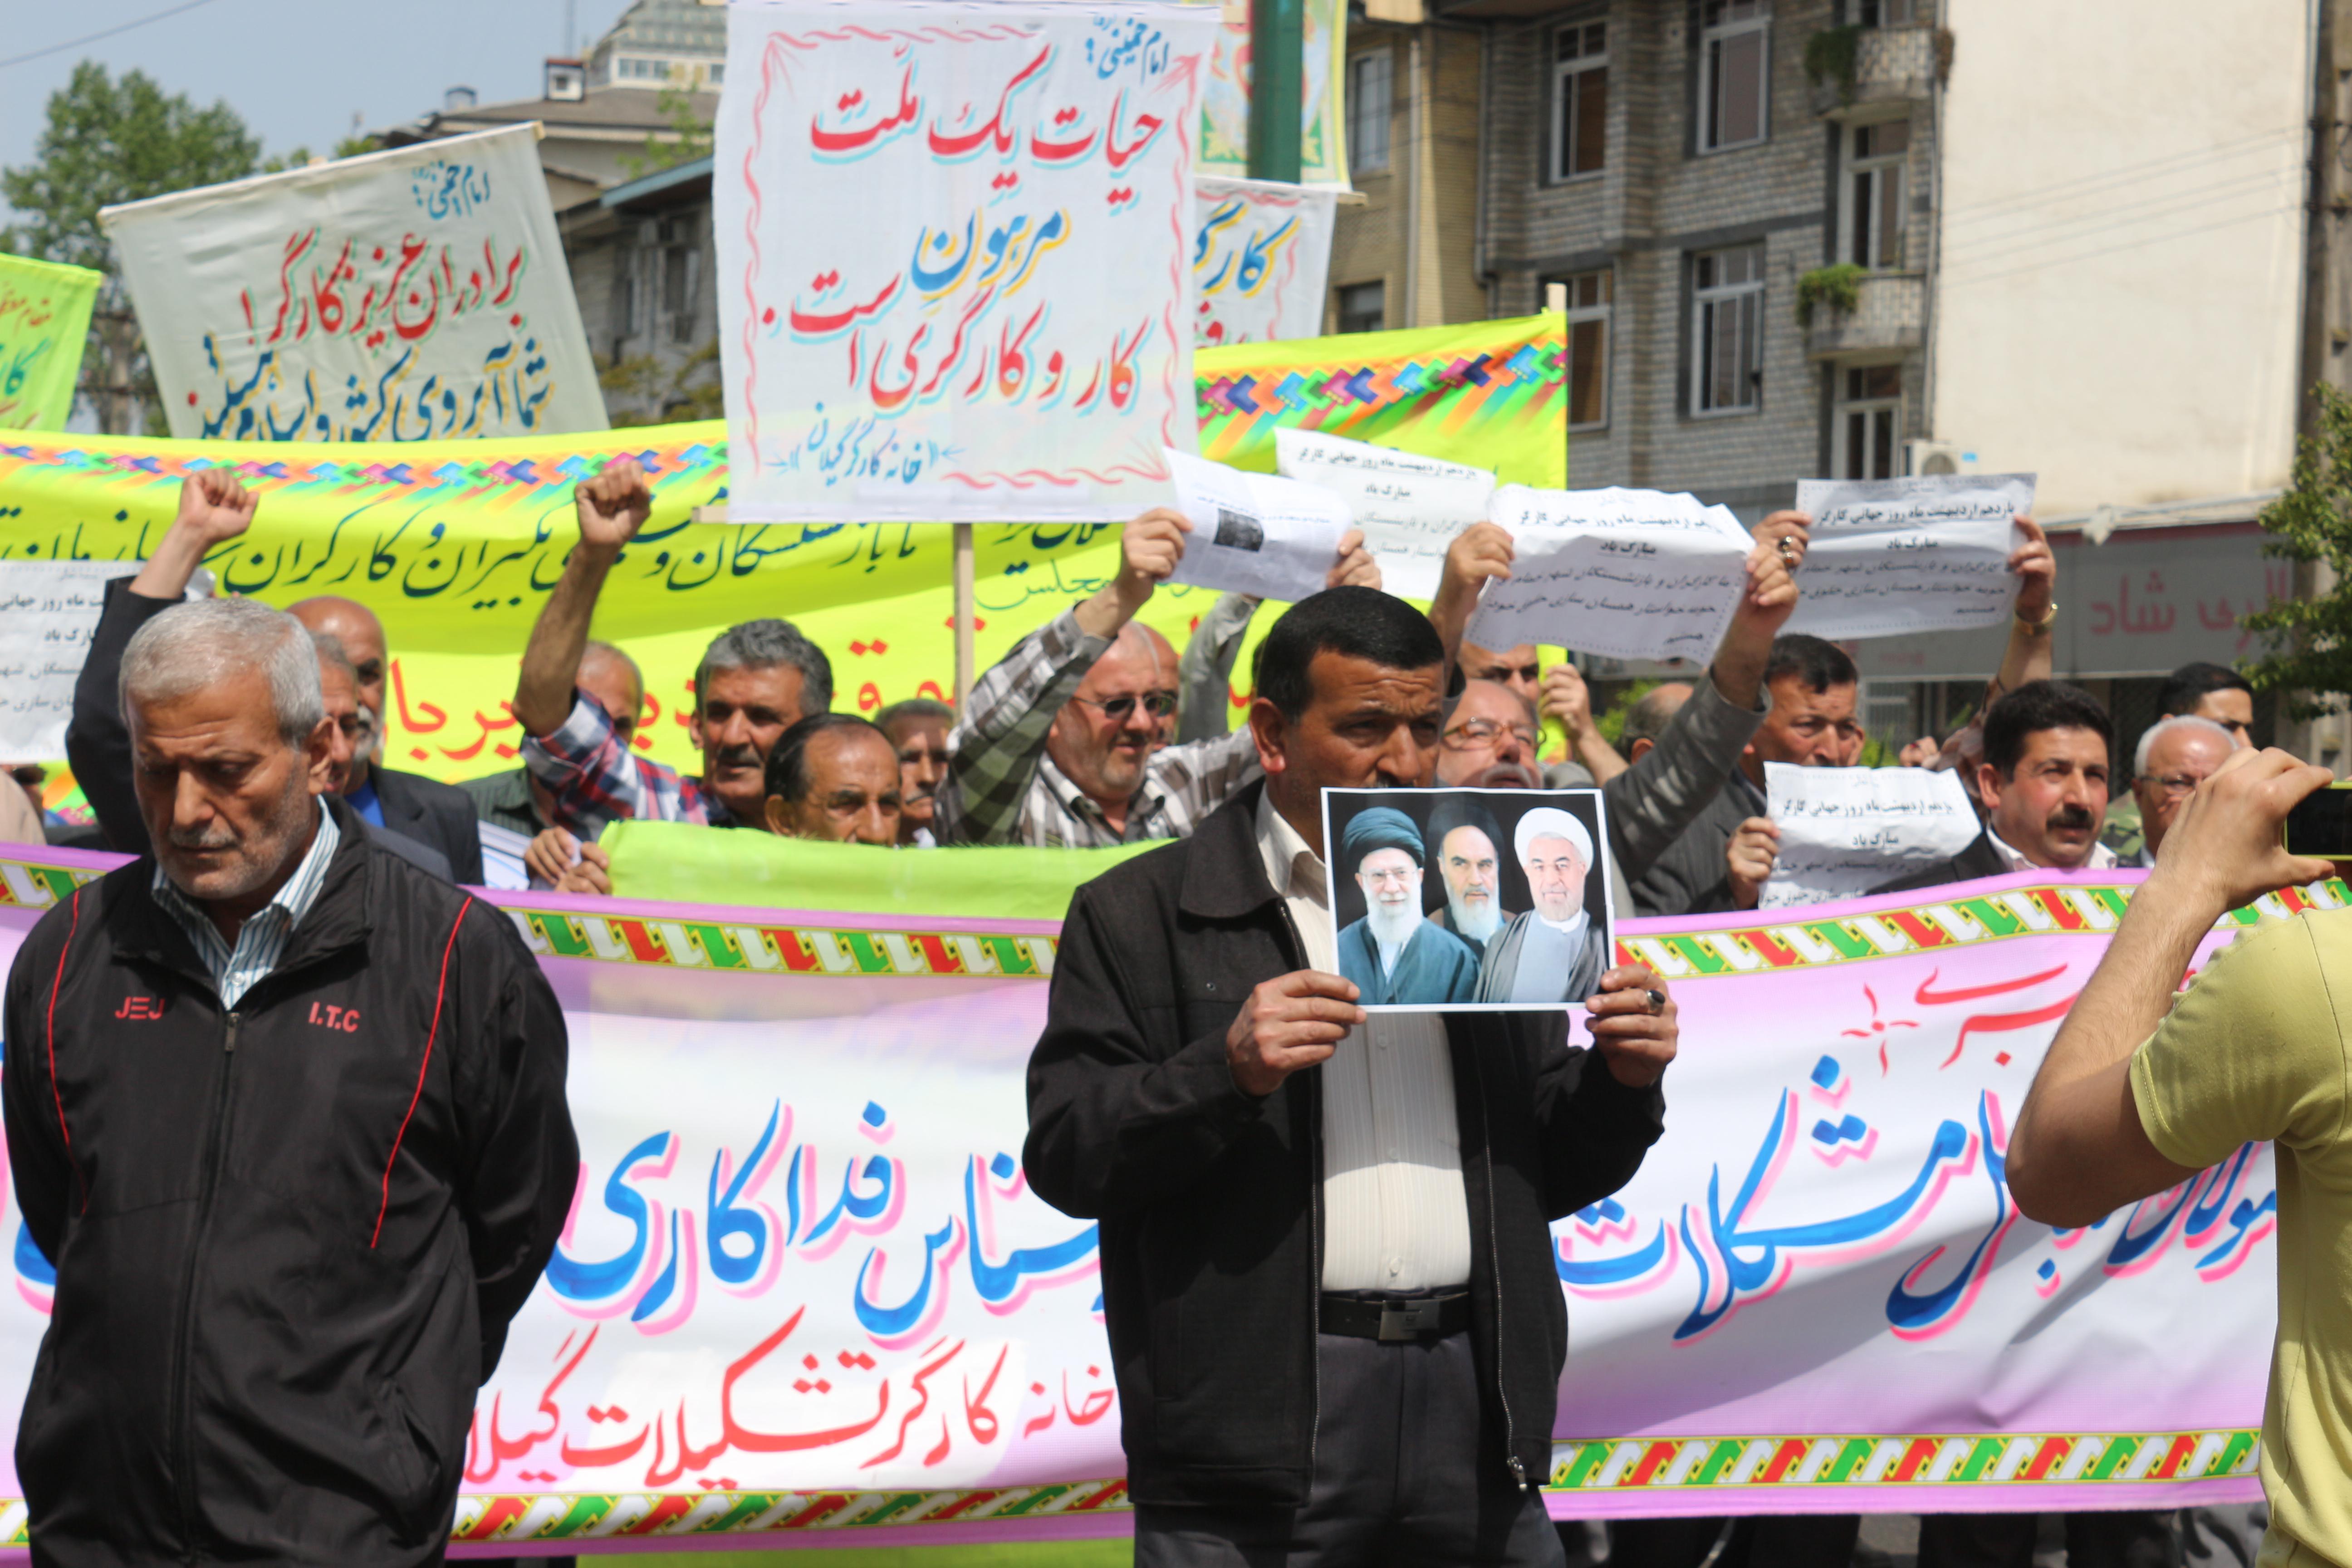 برگزاری راهپیمایی روز جهانی کارگر در رشت، بعد از هشت سال